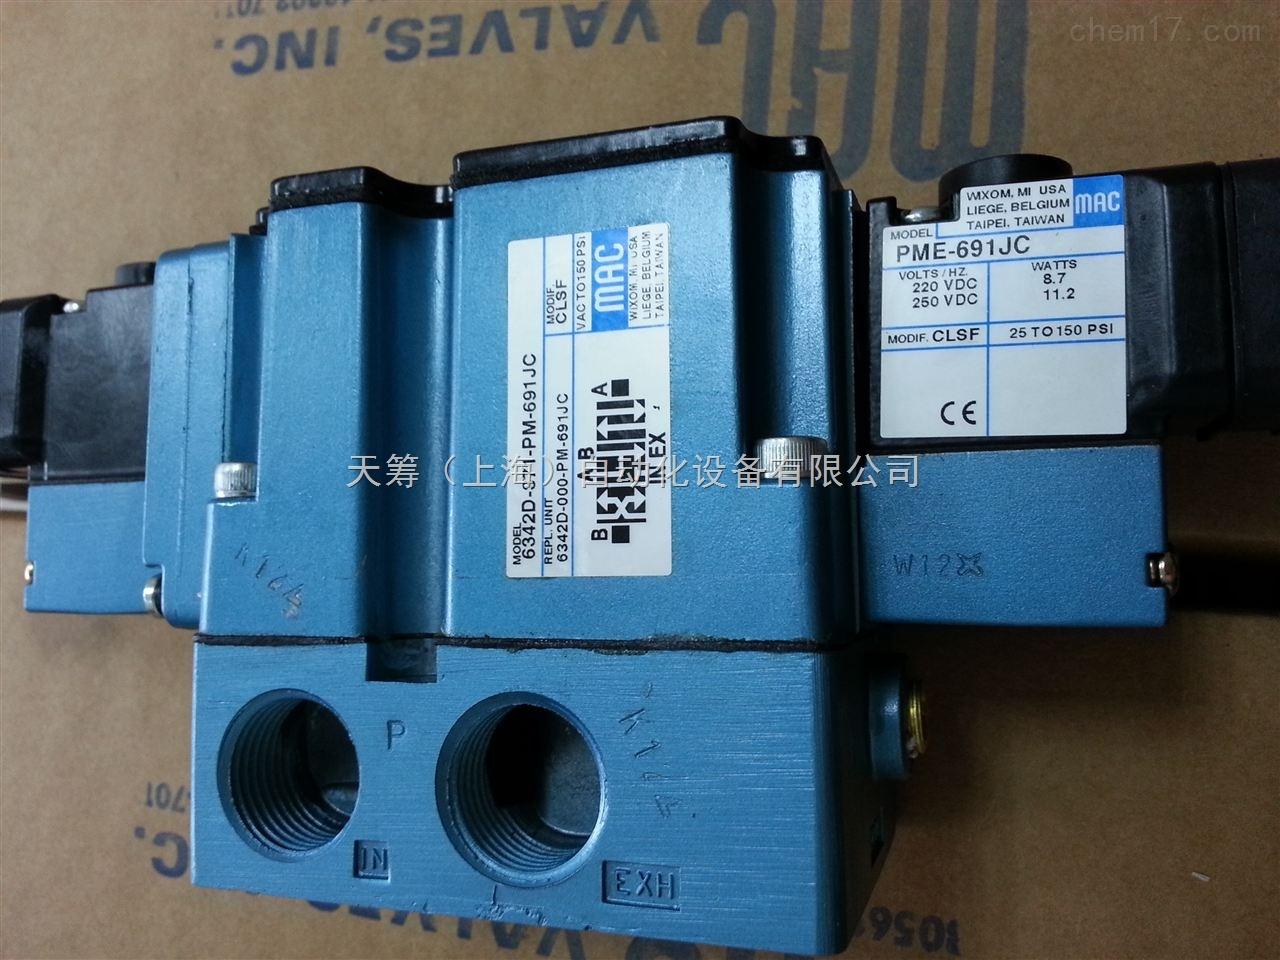 美国MAC电磁阀6342D-371-PM-691JC品牌产品